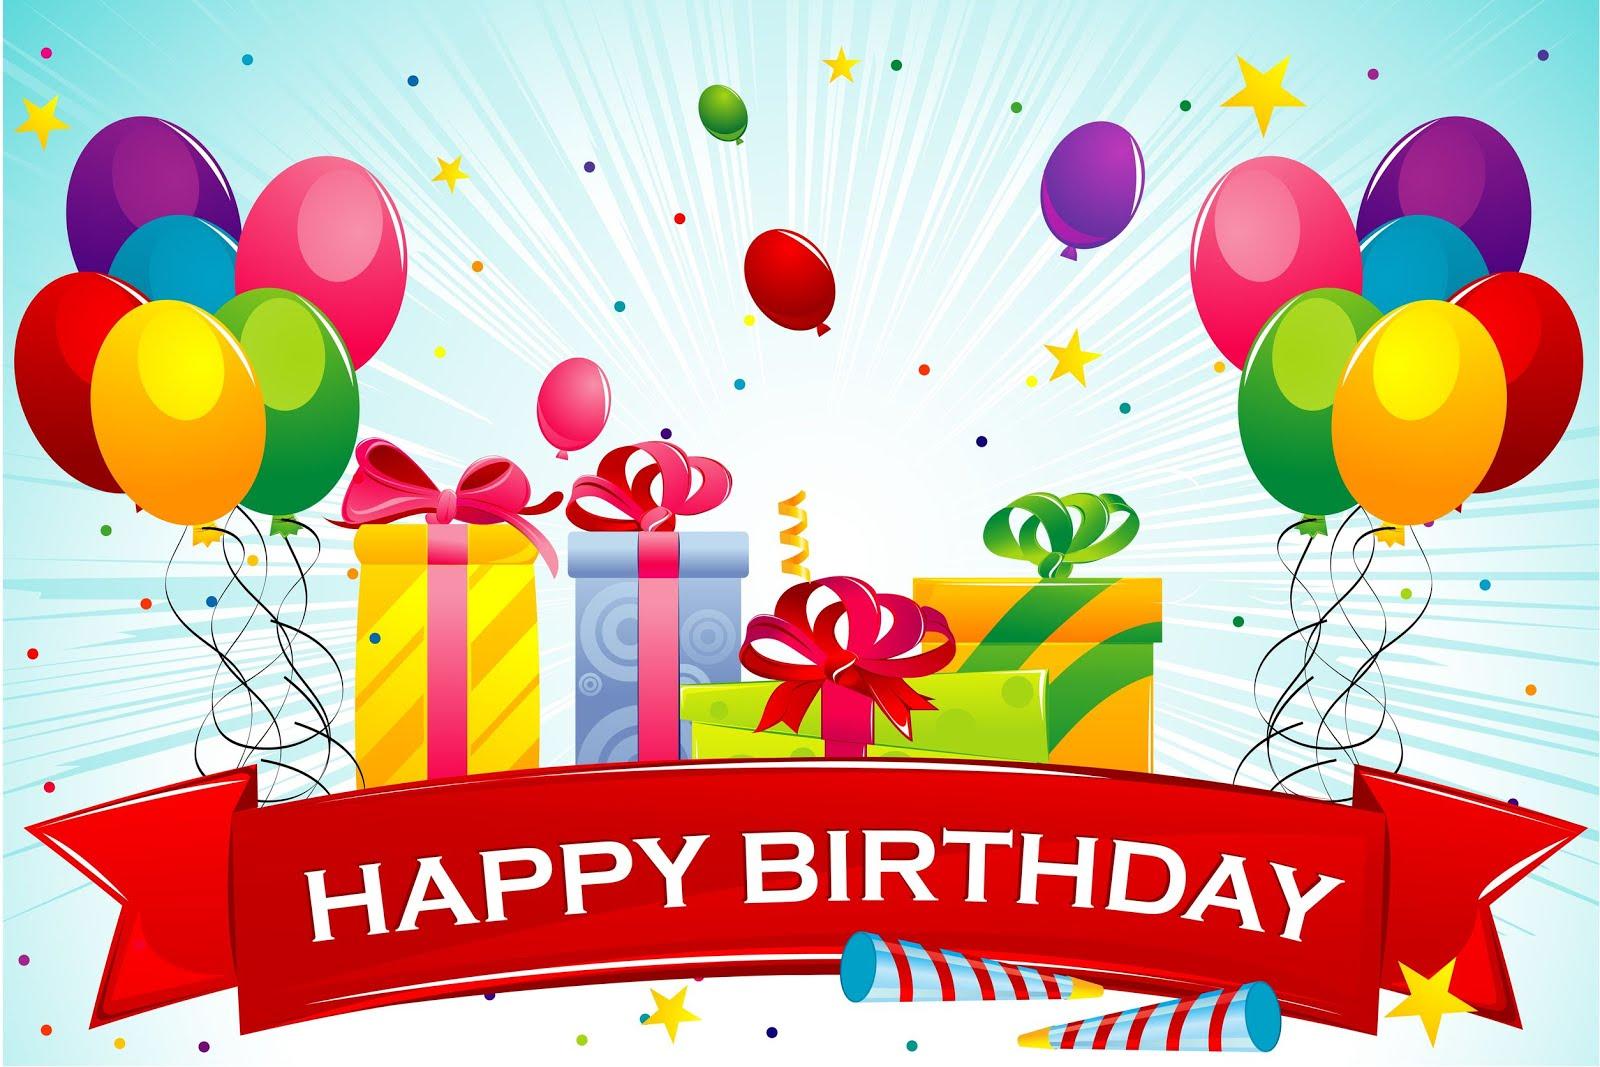 mobile9 Forum > Happy Birthday, Amdo!